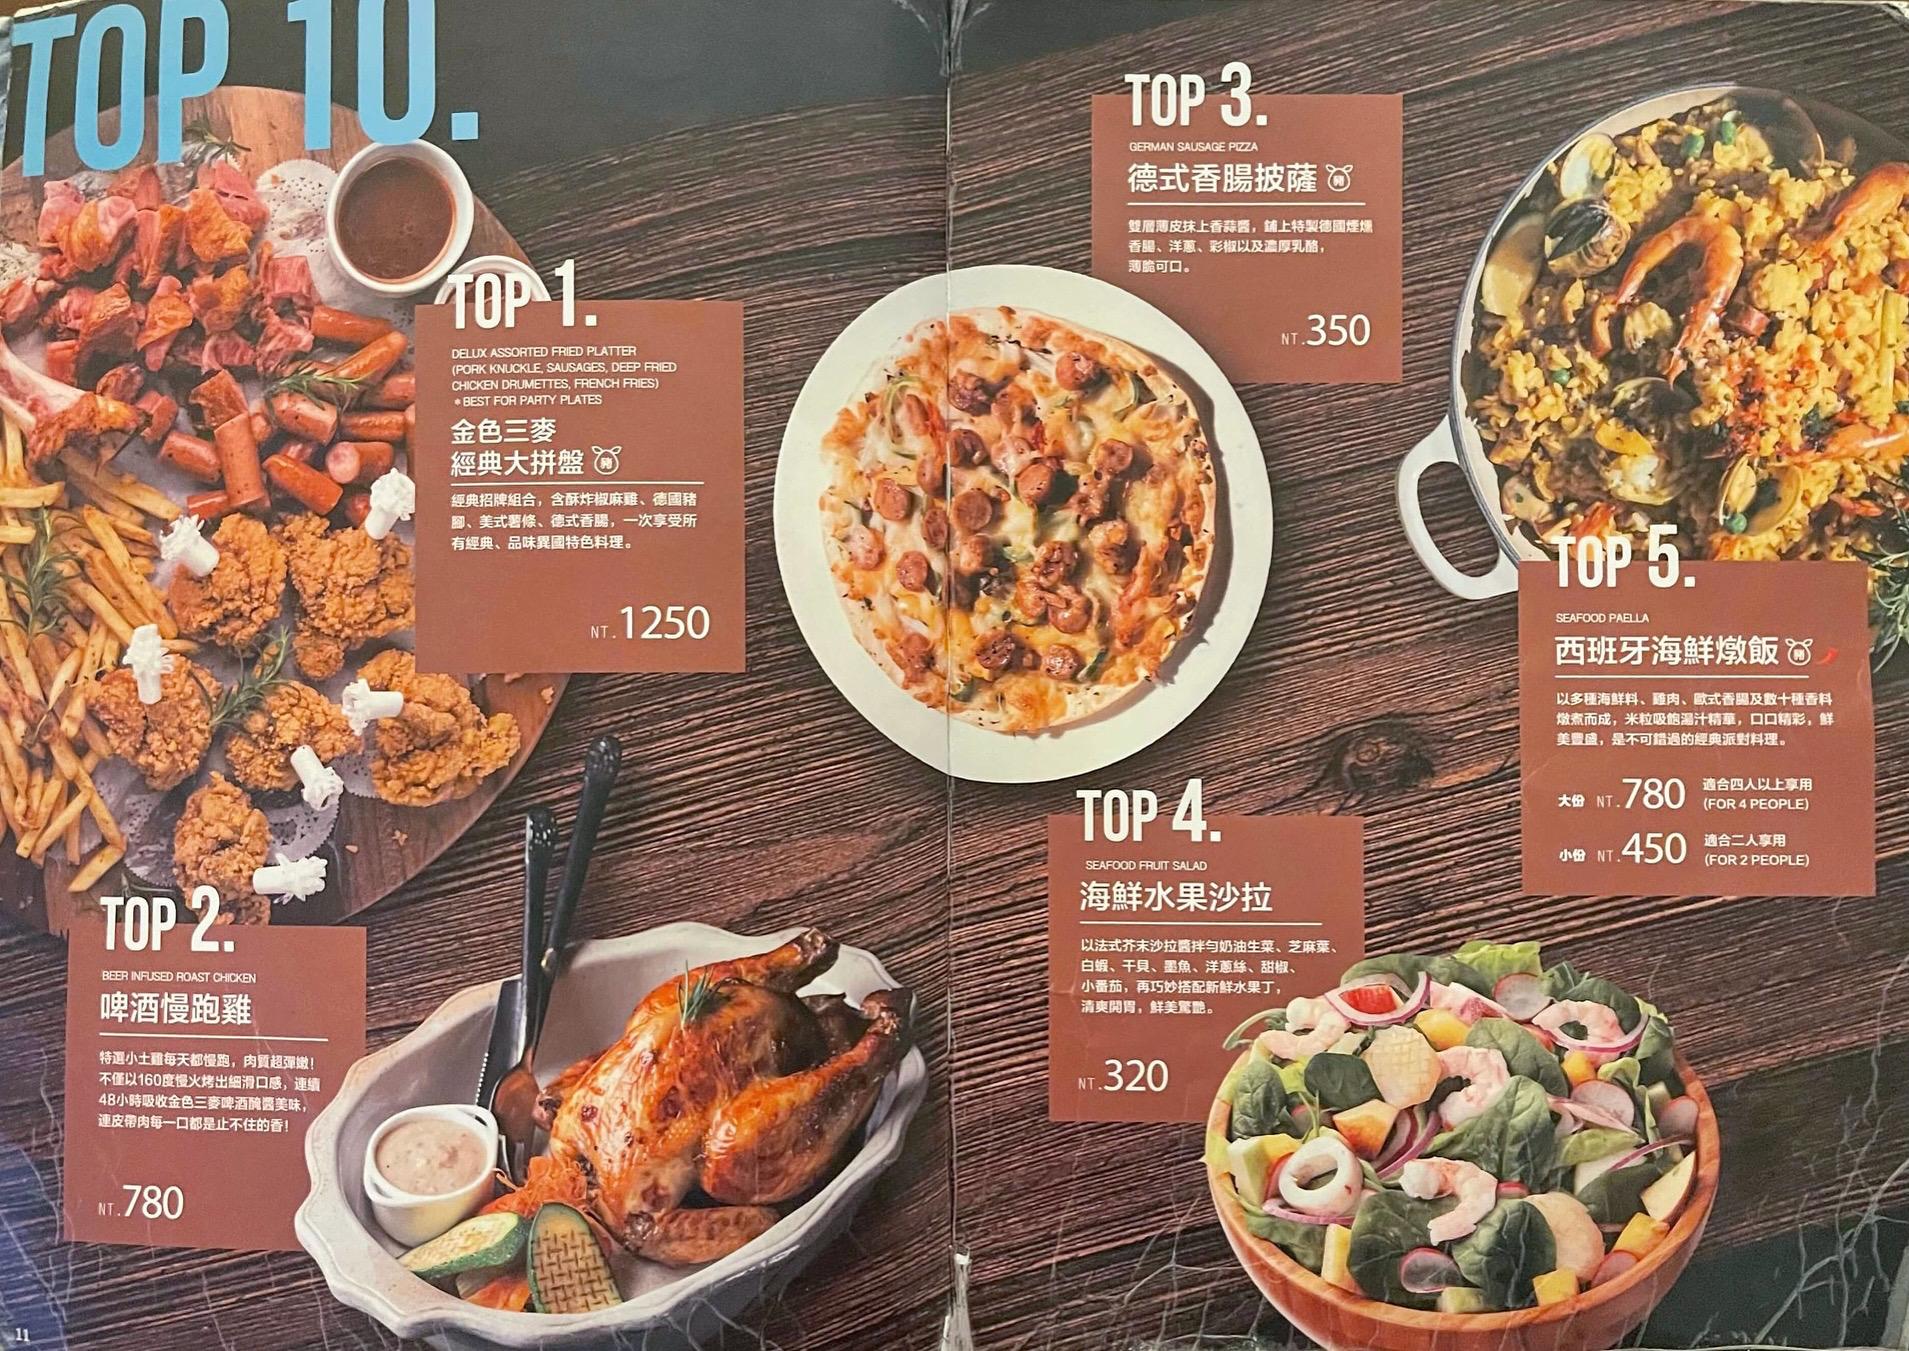 金色三麥菜單MENU-TOP10